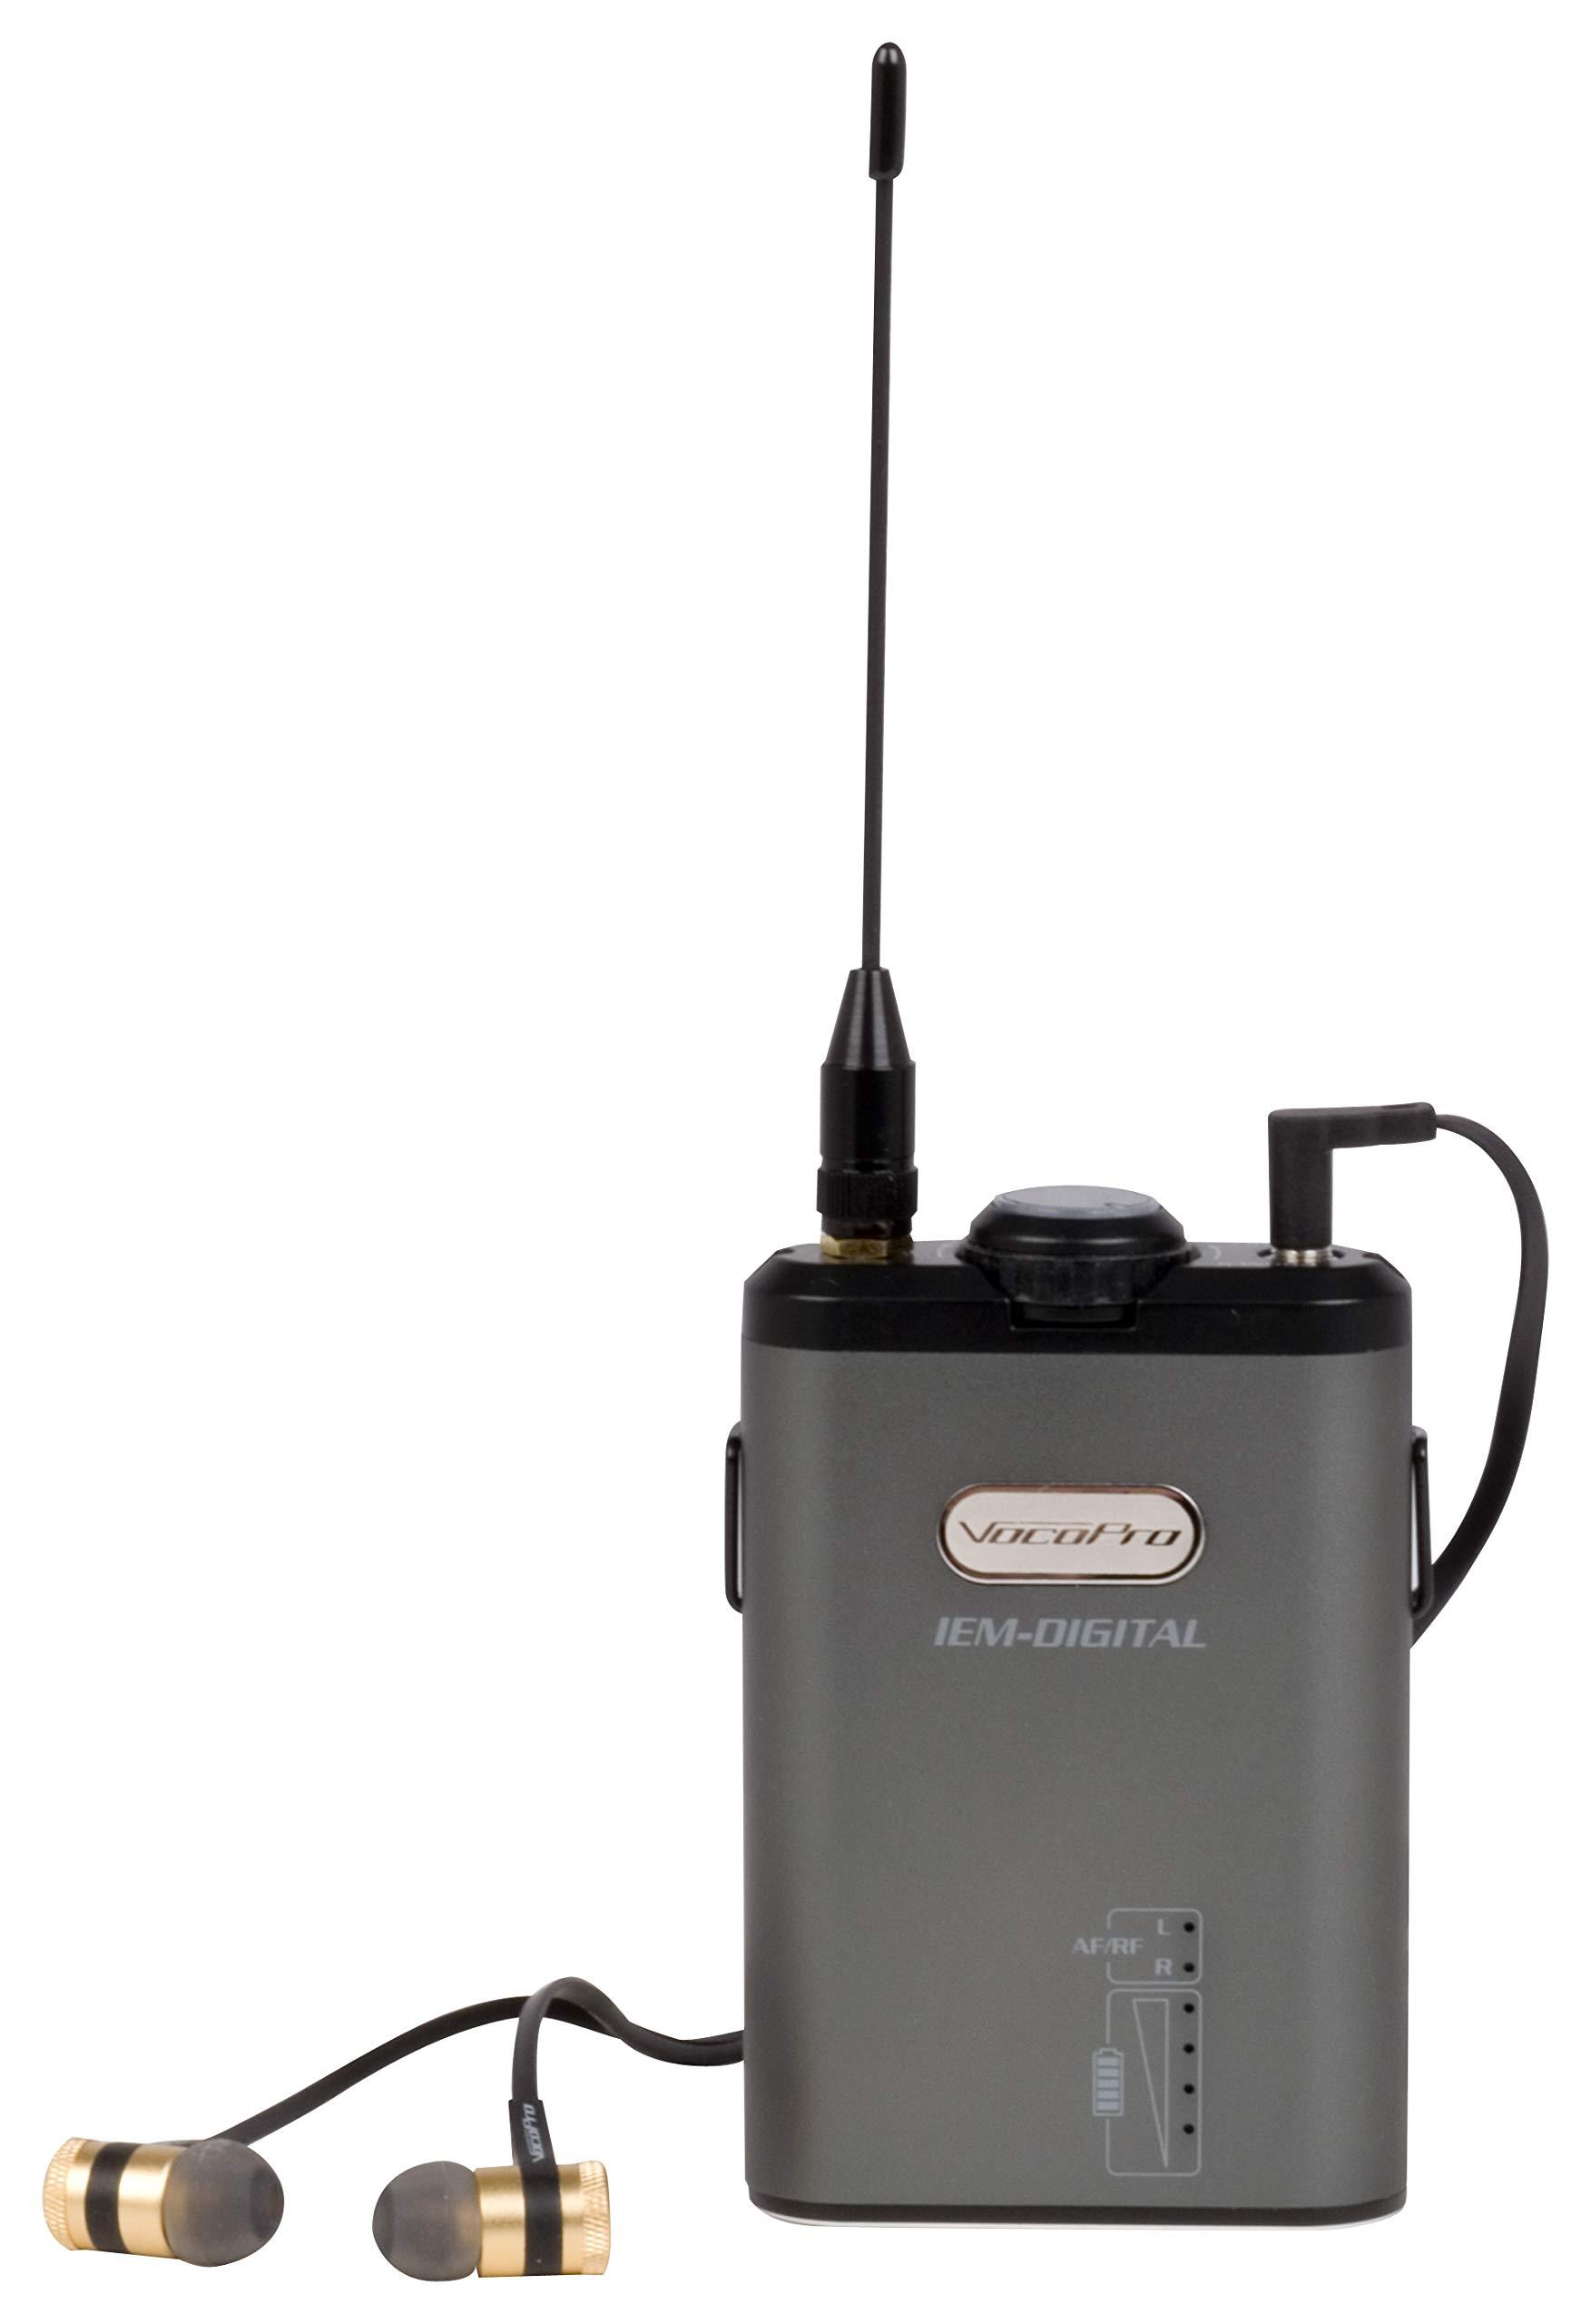 VocoPro In- In-Ear Audio Monitor Receiver (IEM-Digital